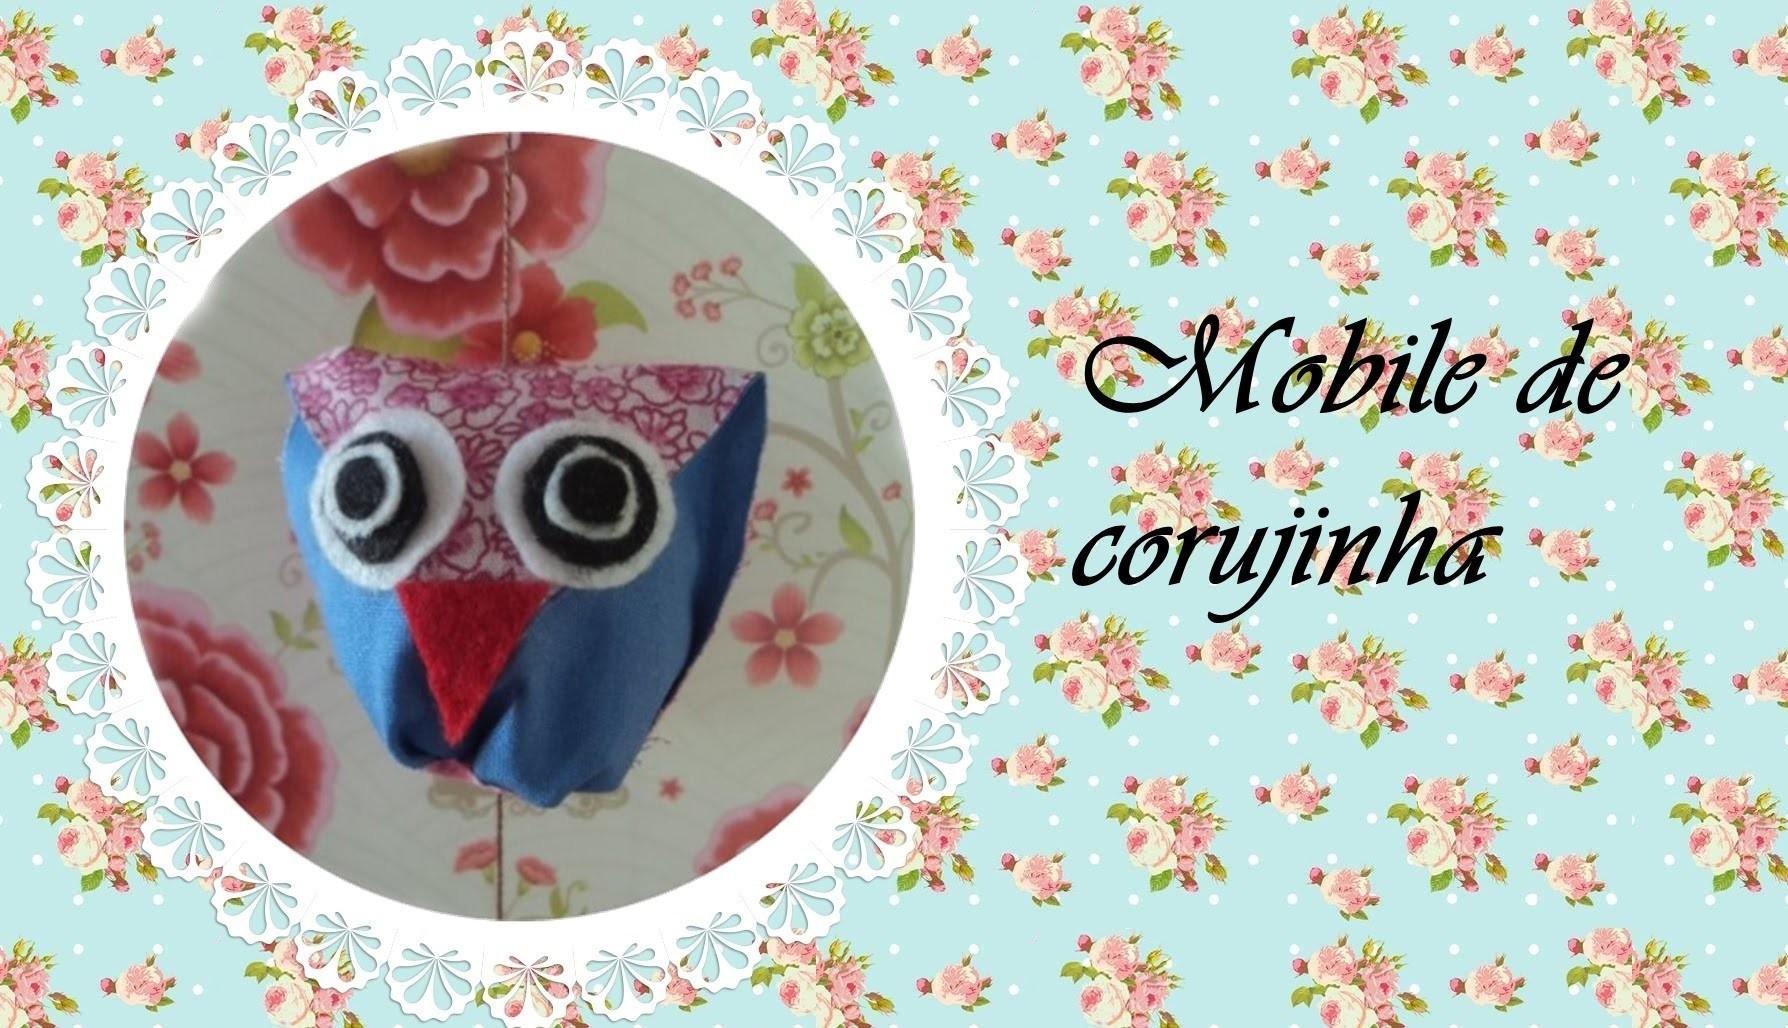 DIY - Mobile de corujinha | Penteadeira de palavras